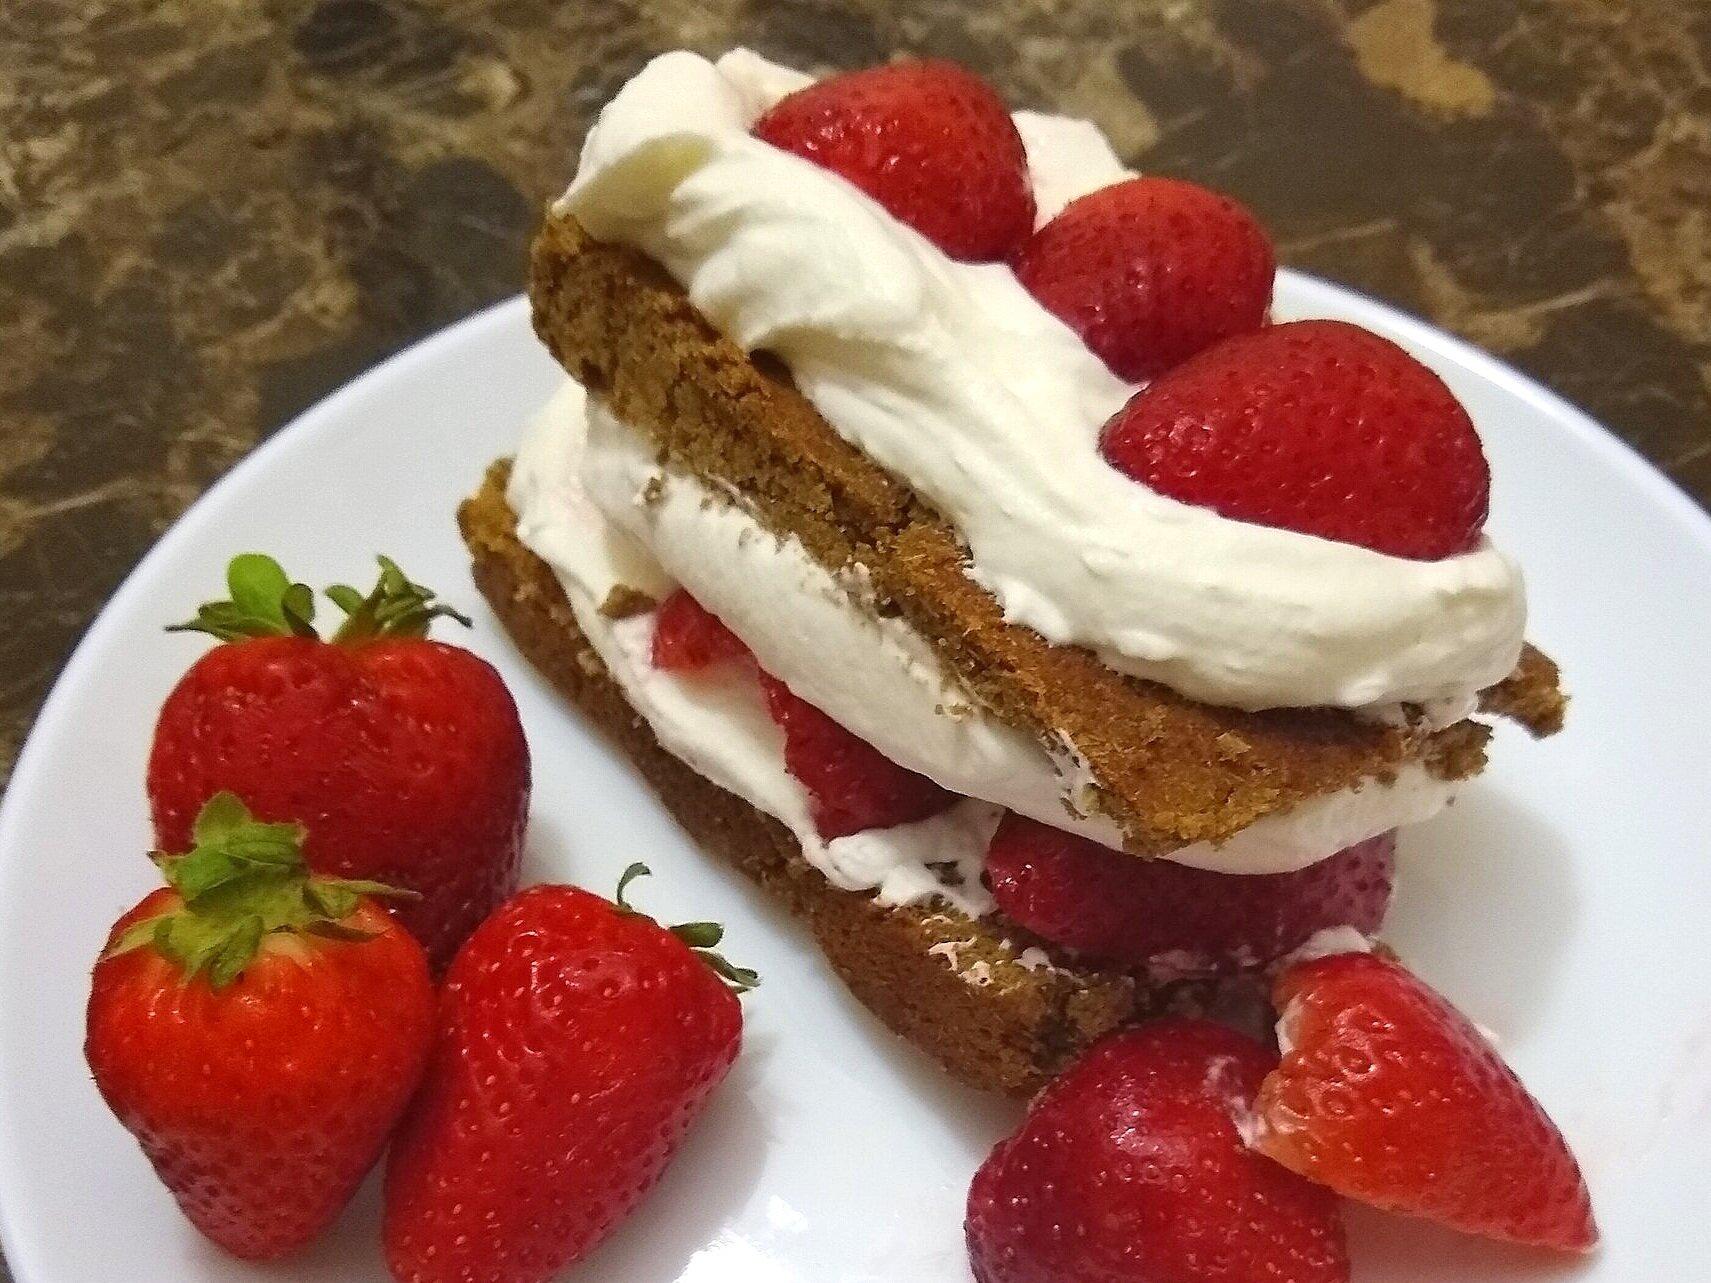 strawberry+shortcake.jpg